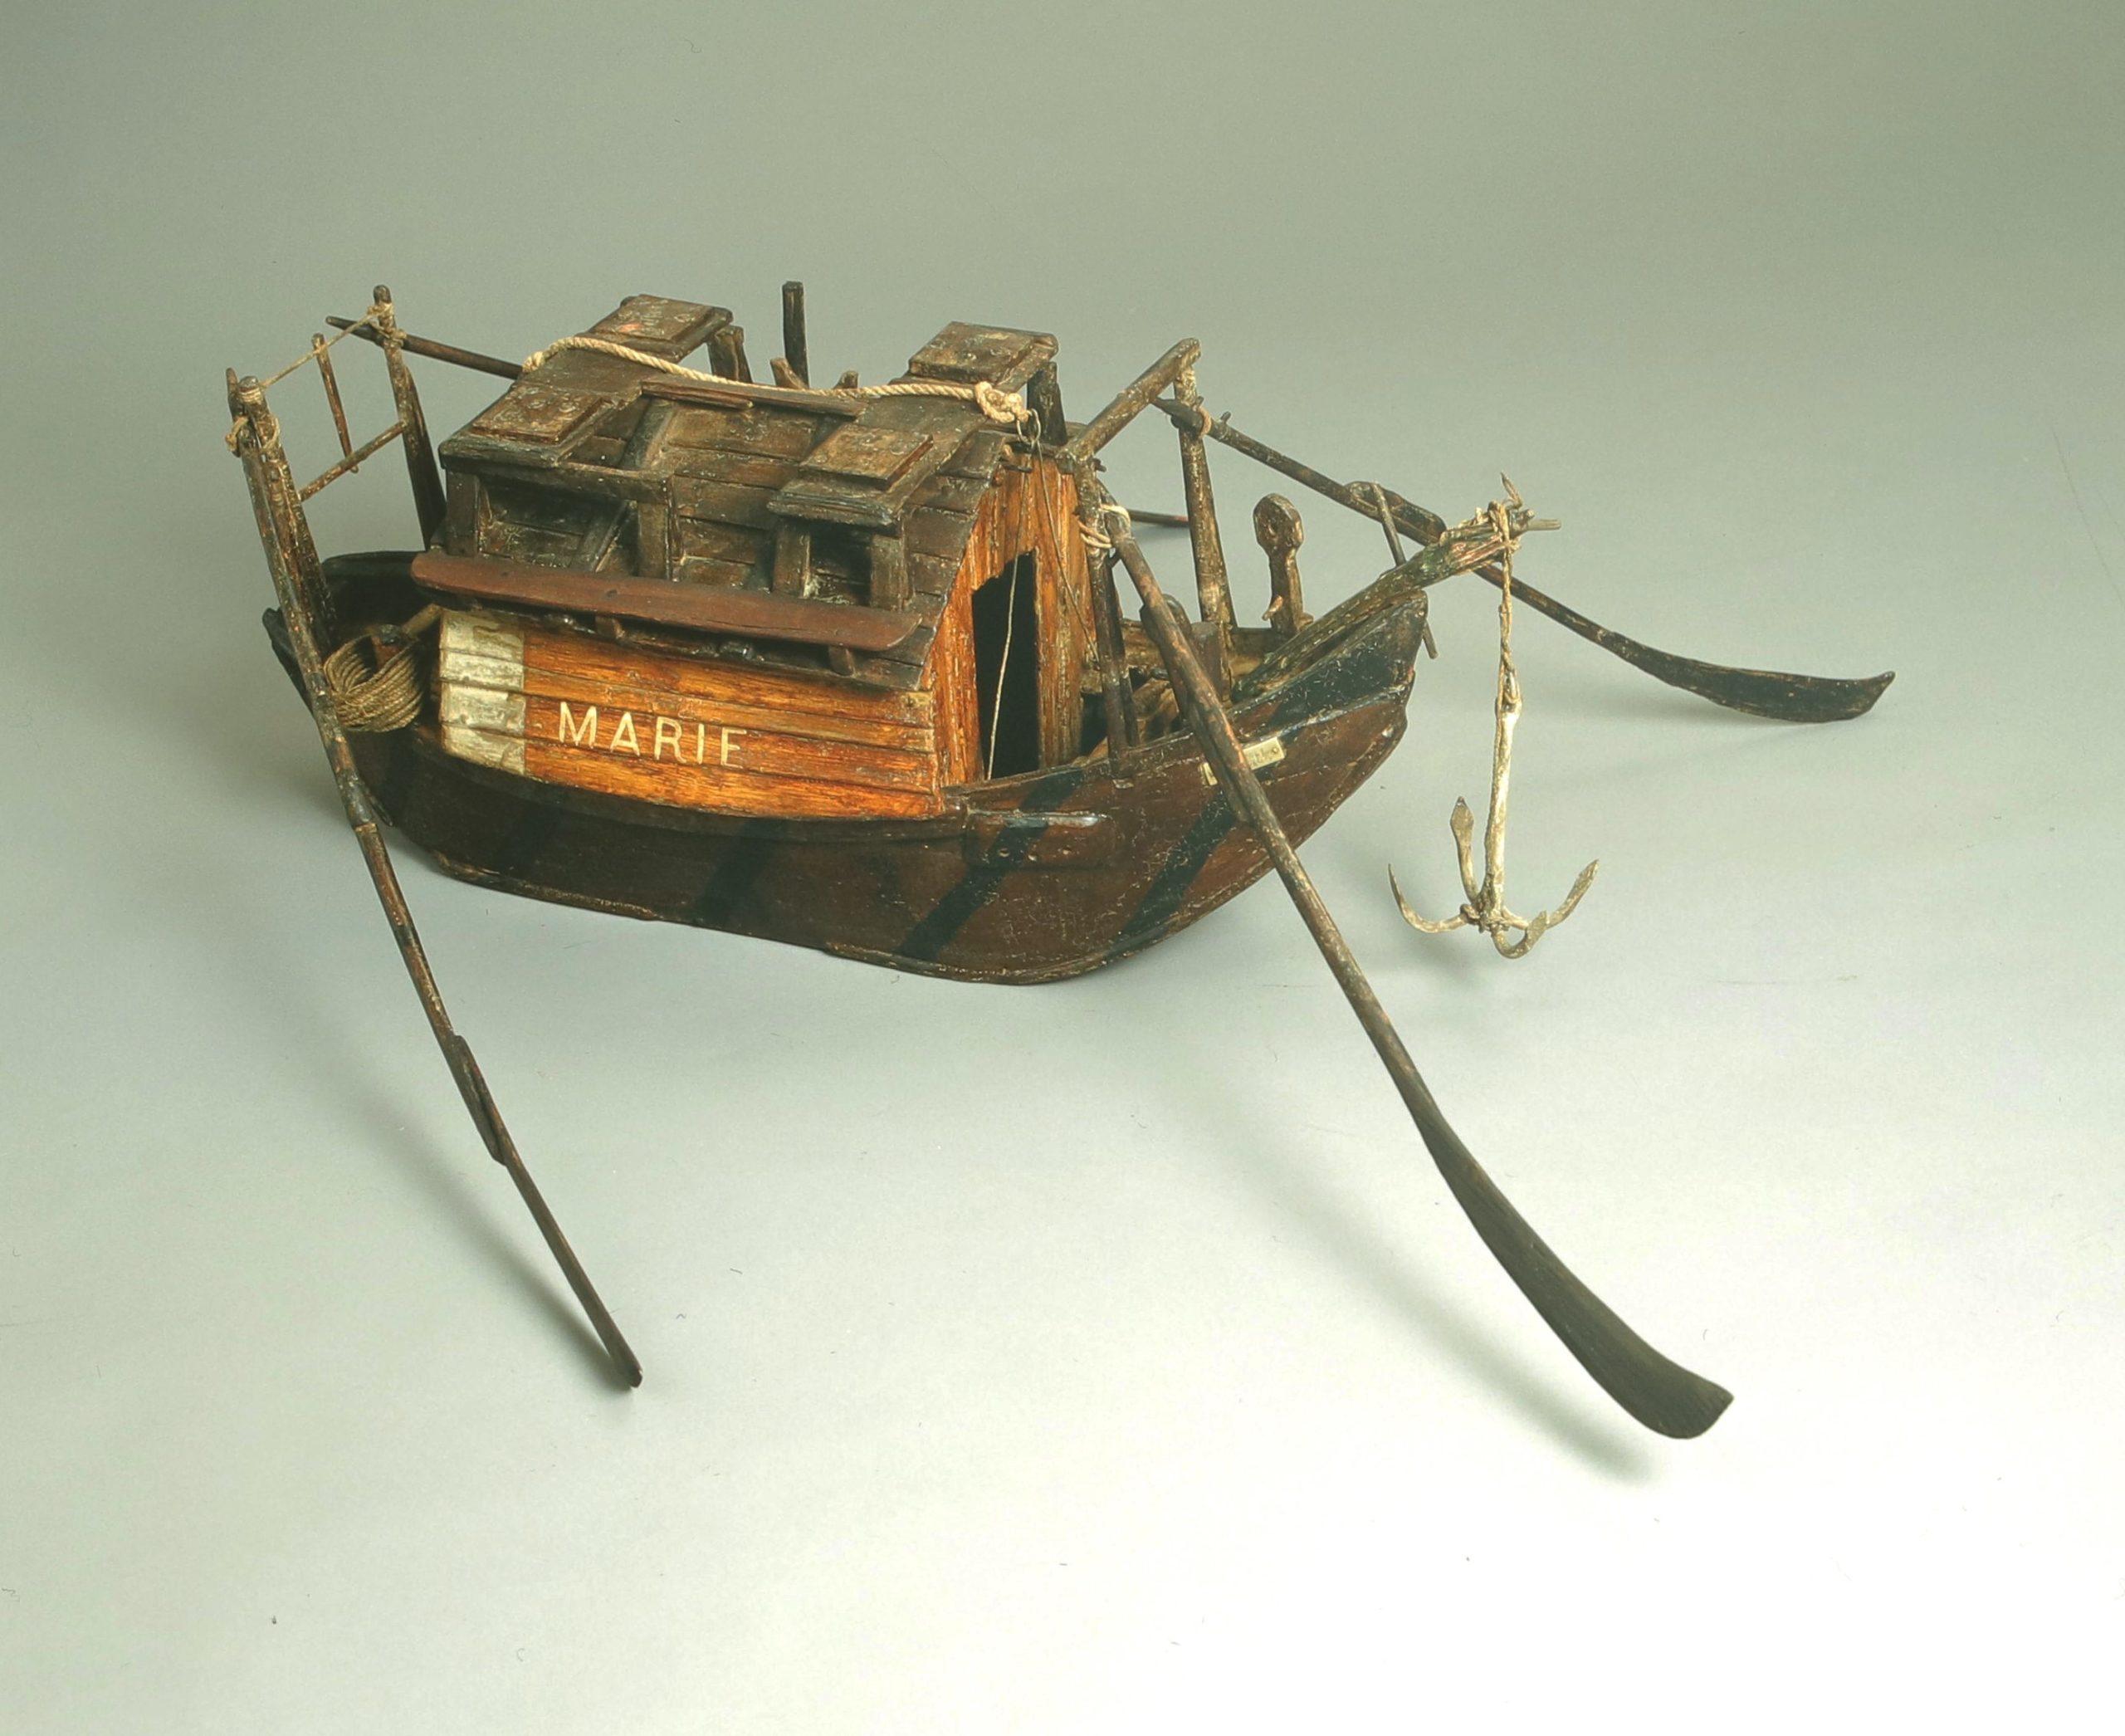 Das Foto zeigt ein hölzernes Modell eines Holzschiffes mit Aufbau und vier Rudern.